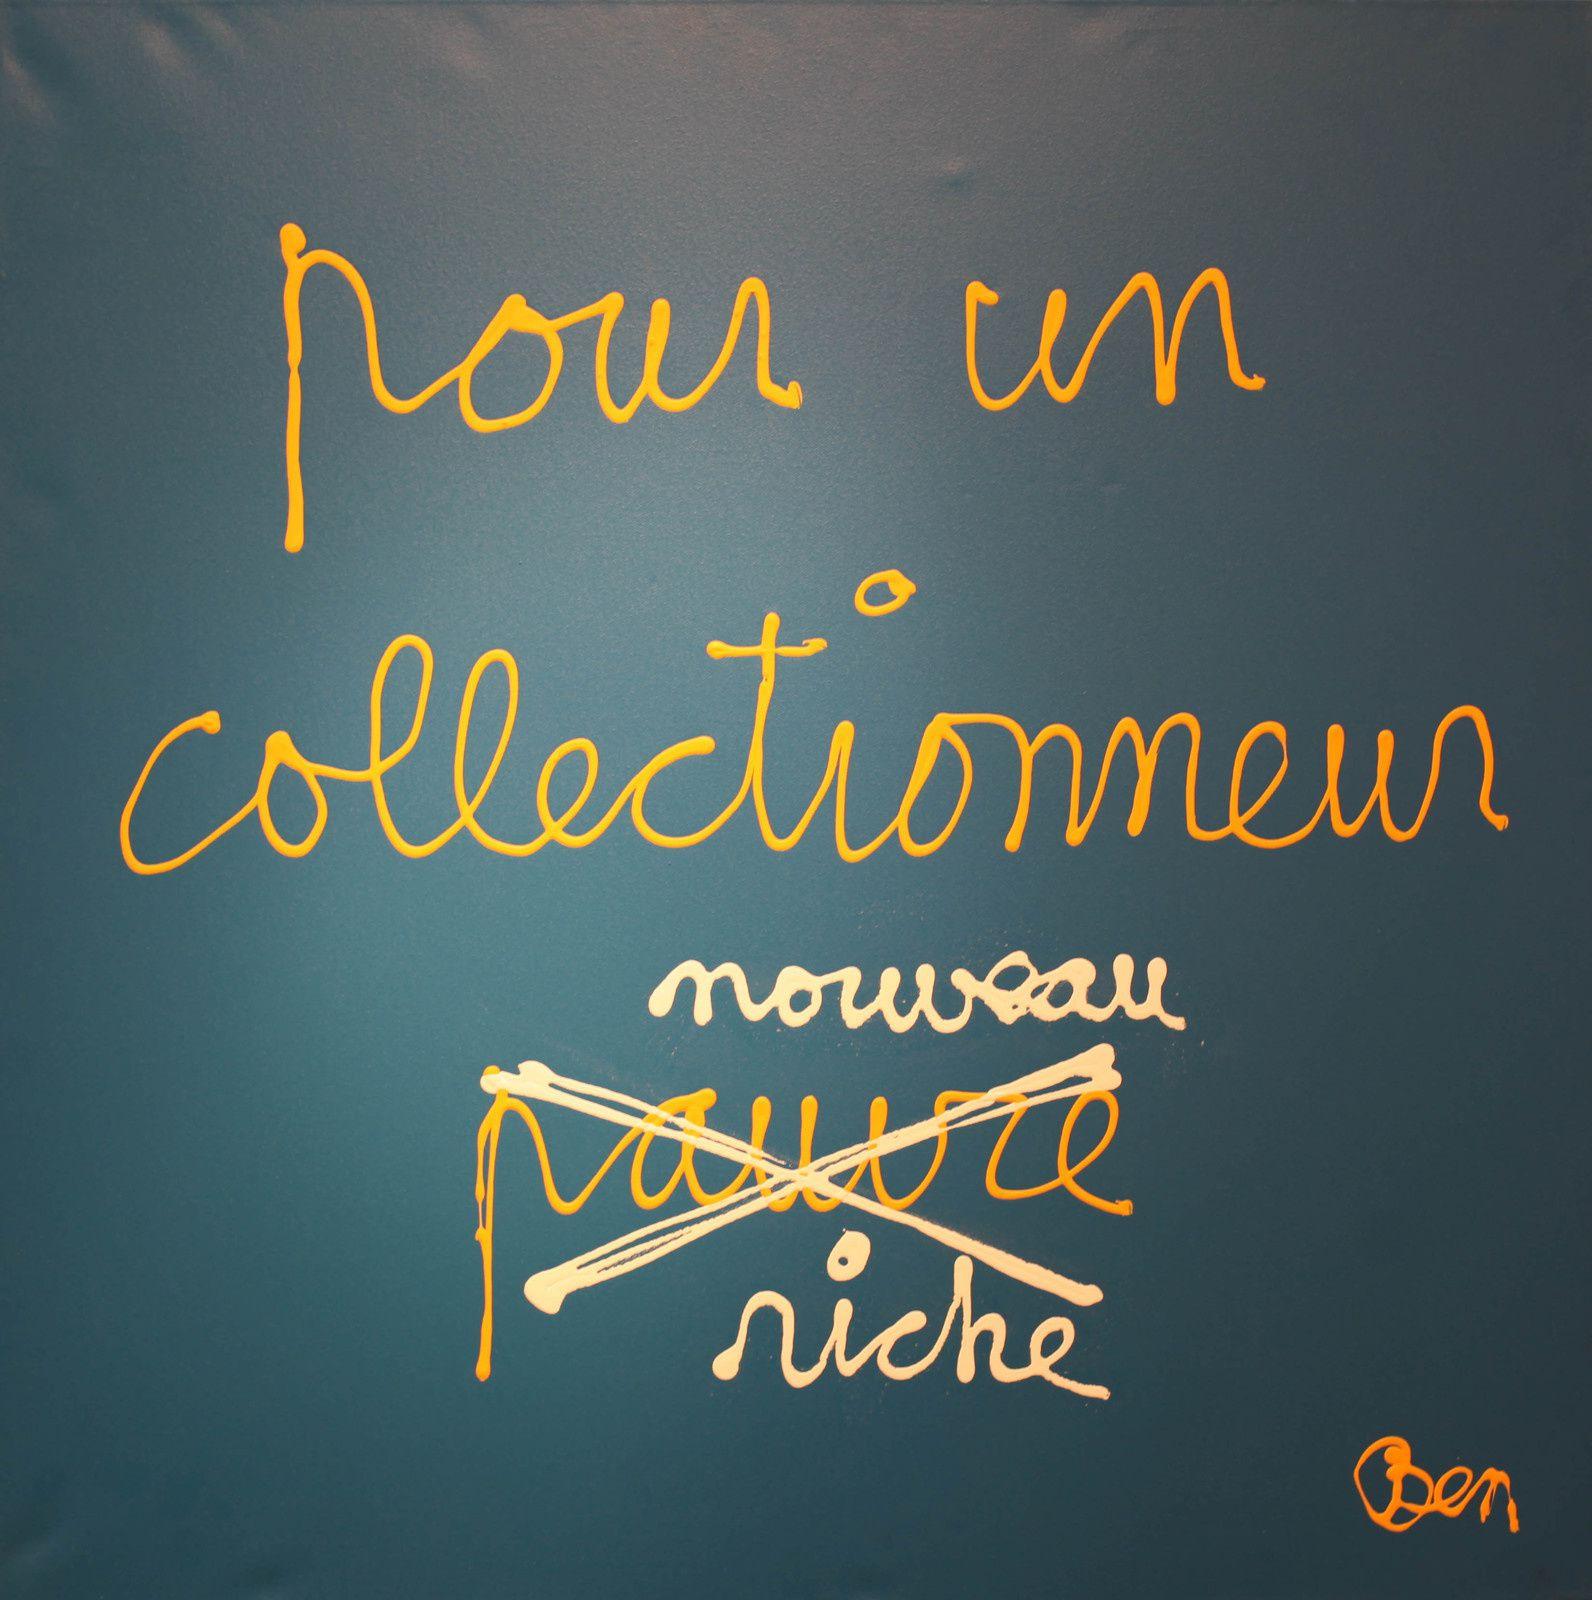 """""""Pour un collectionneur nouveau riche"""" de BEN - Courtesy Galerie Lara Vincy © Photo Éric Simon"""